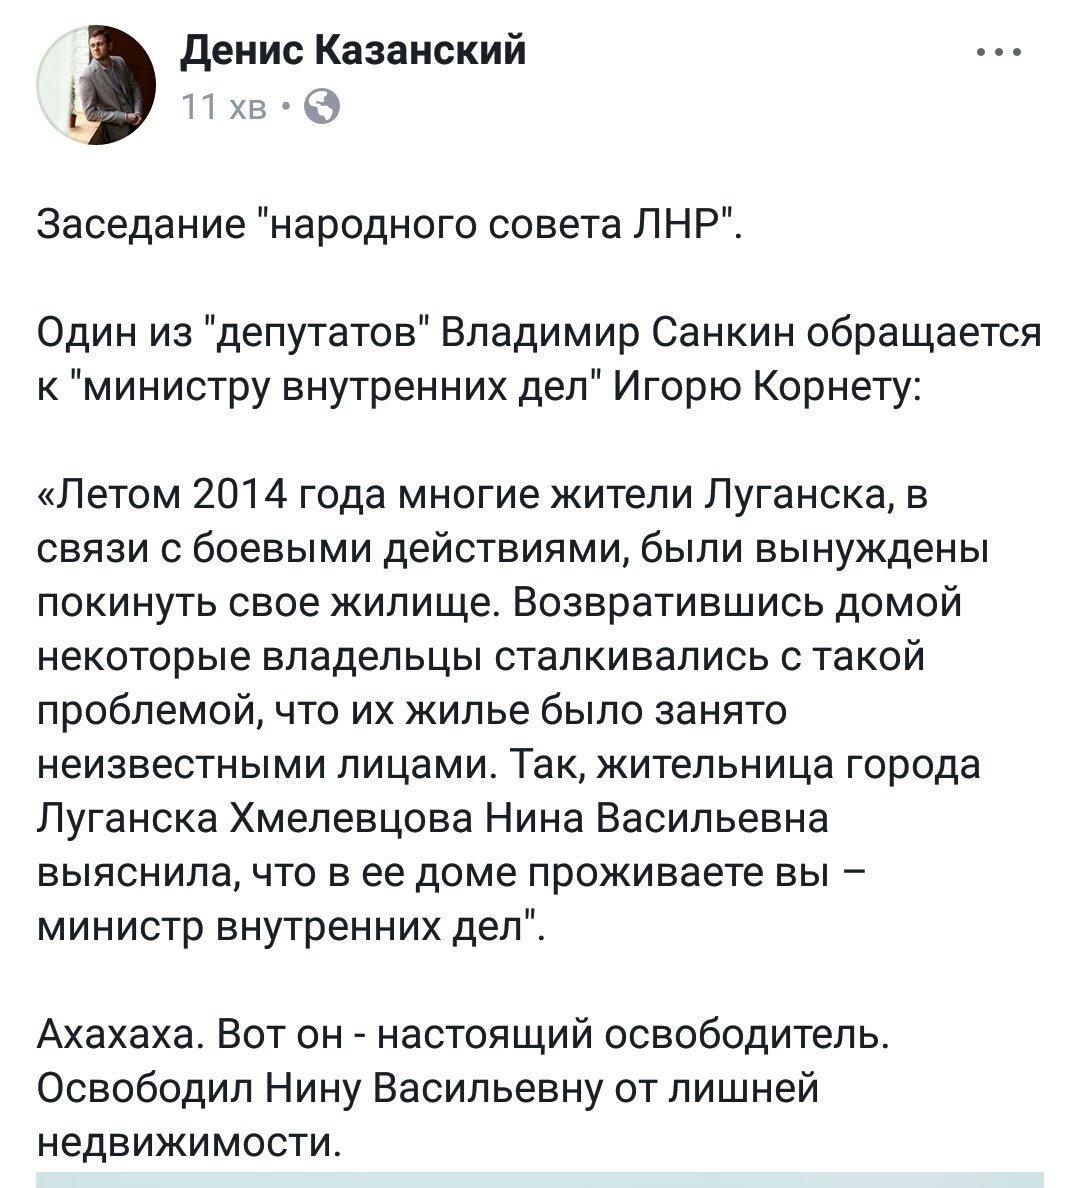 РФ создает морскую бригаду Росгвардии для охраны Керченского пролива - Цензор.НЕТ 2806